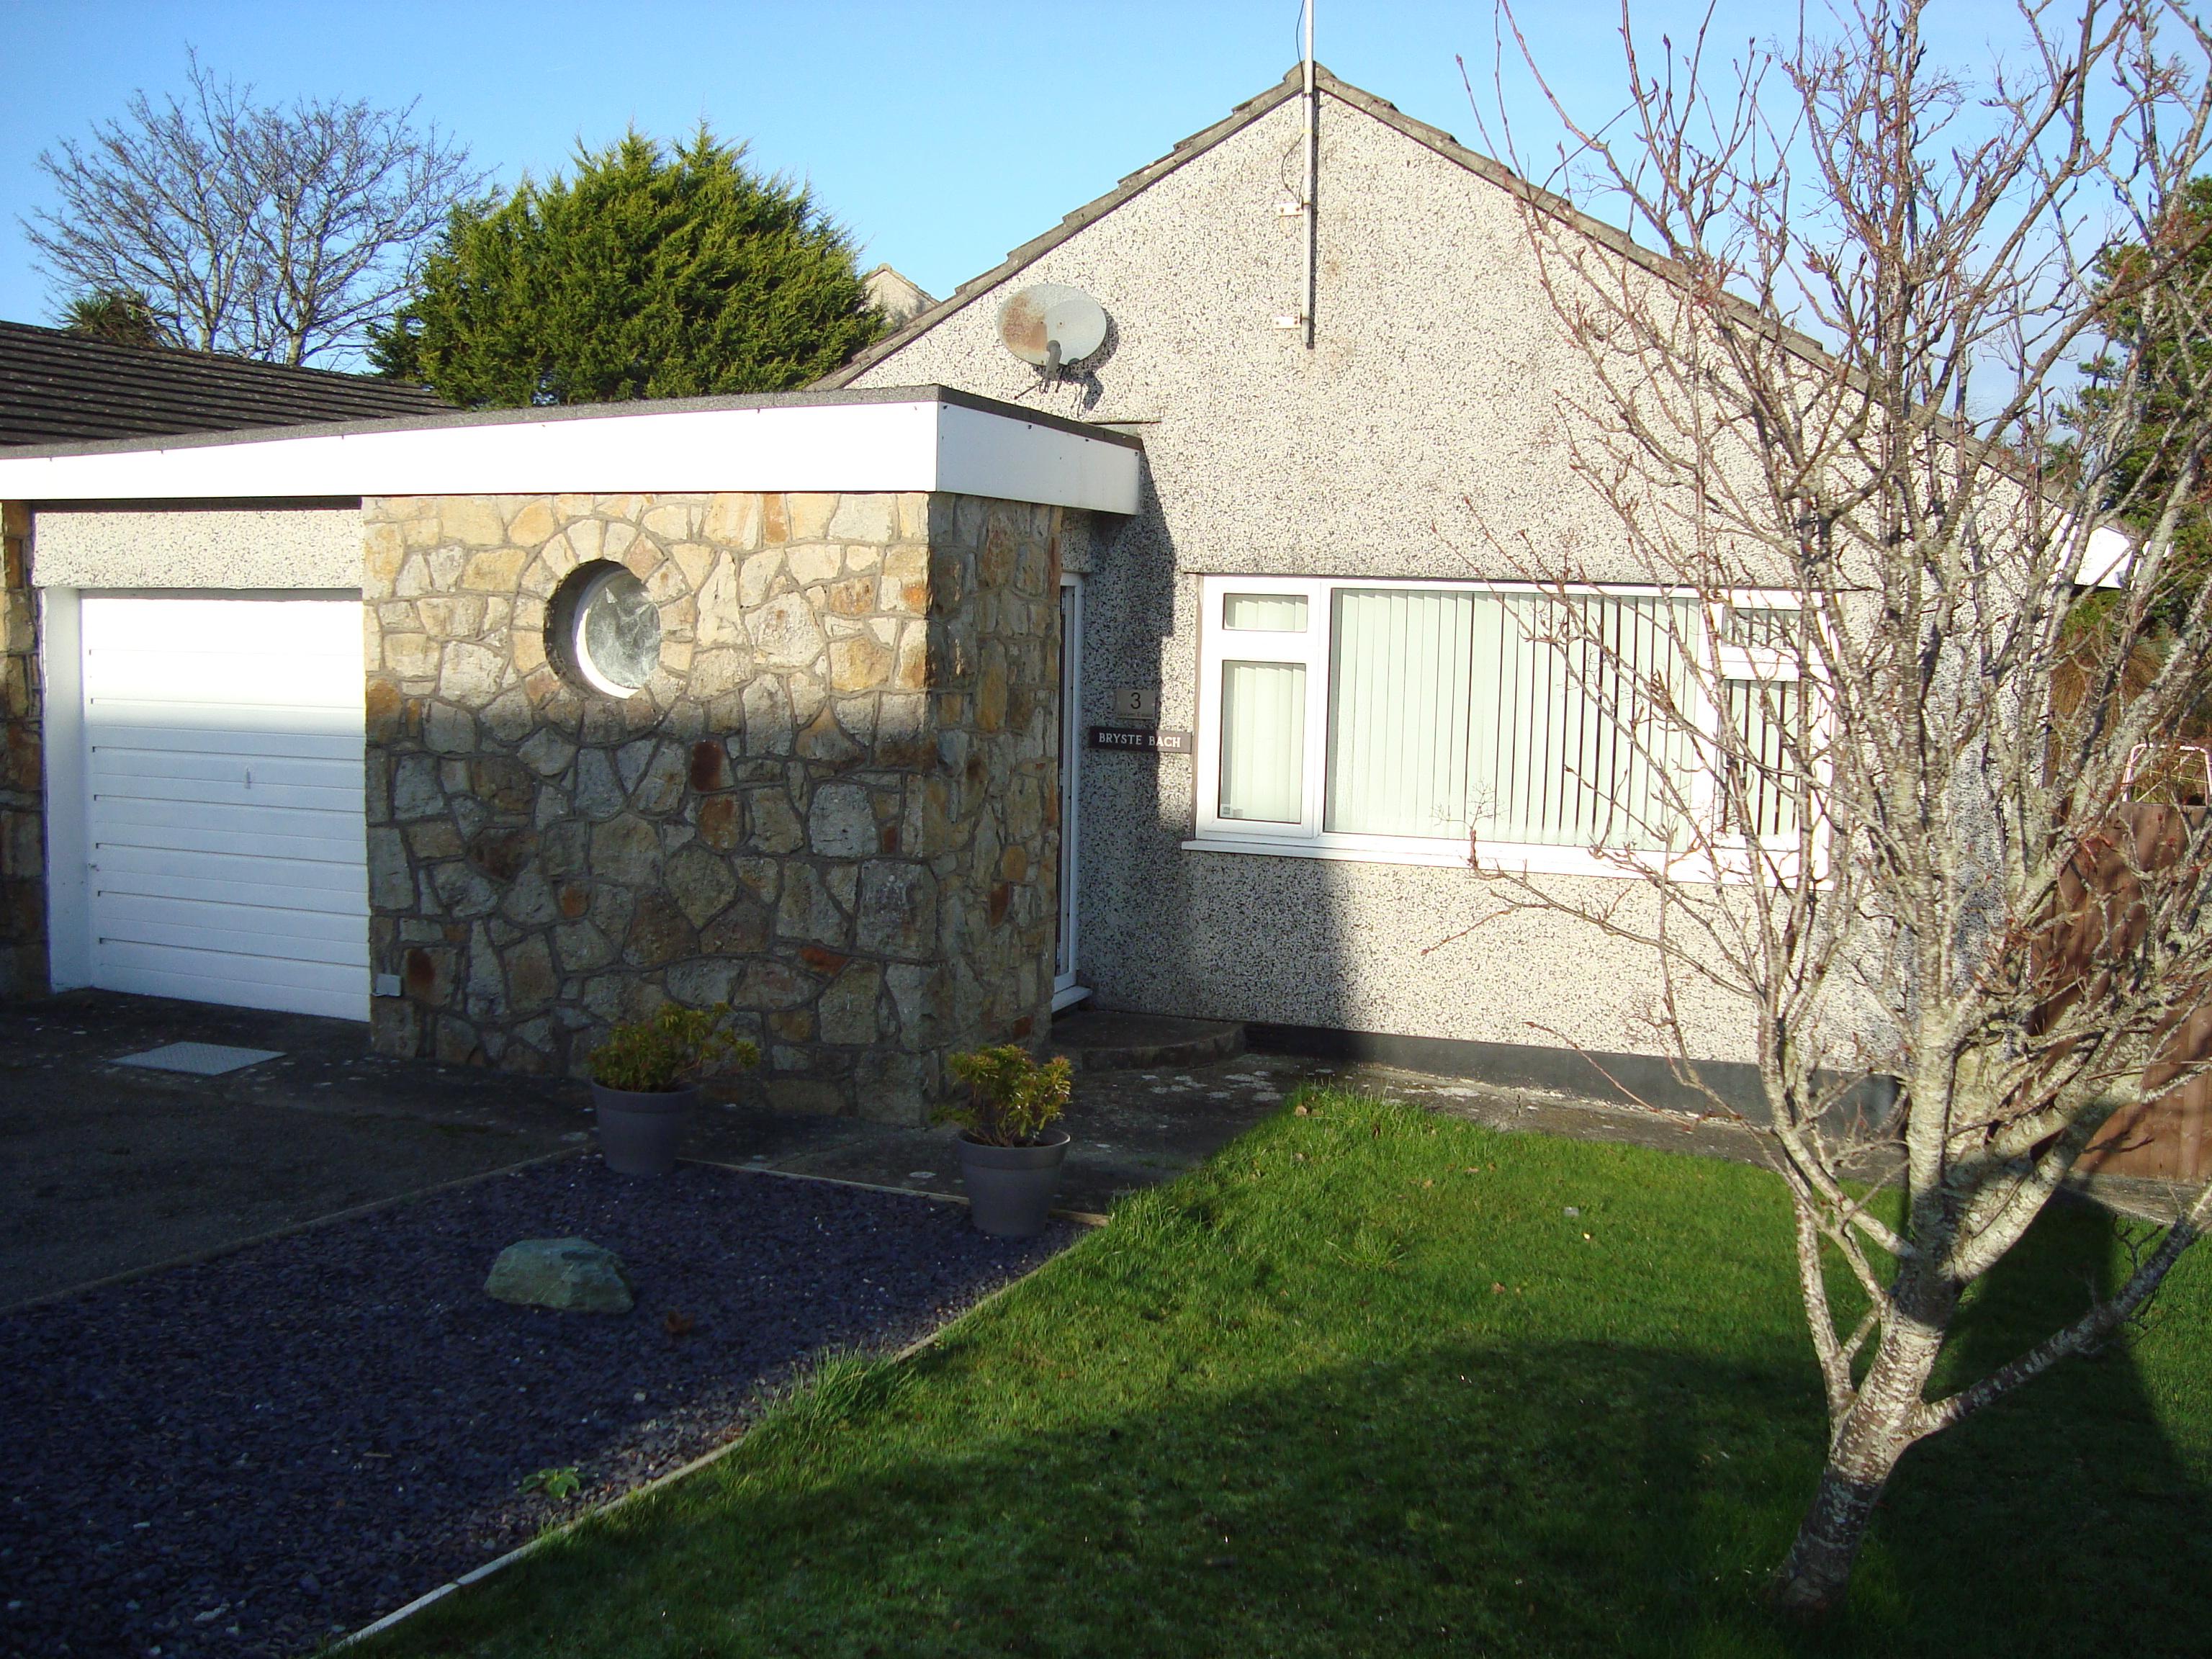 Gorwel Estate, Amlwch, Anglesey. LL68 9EU